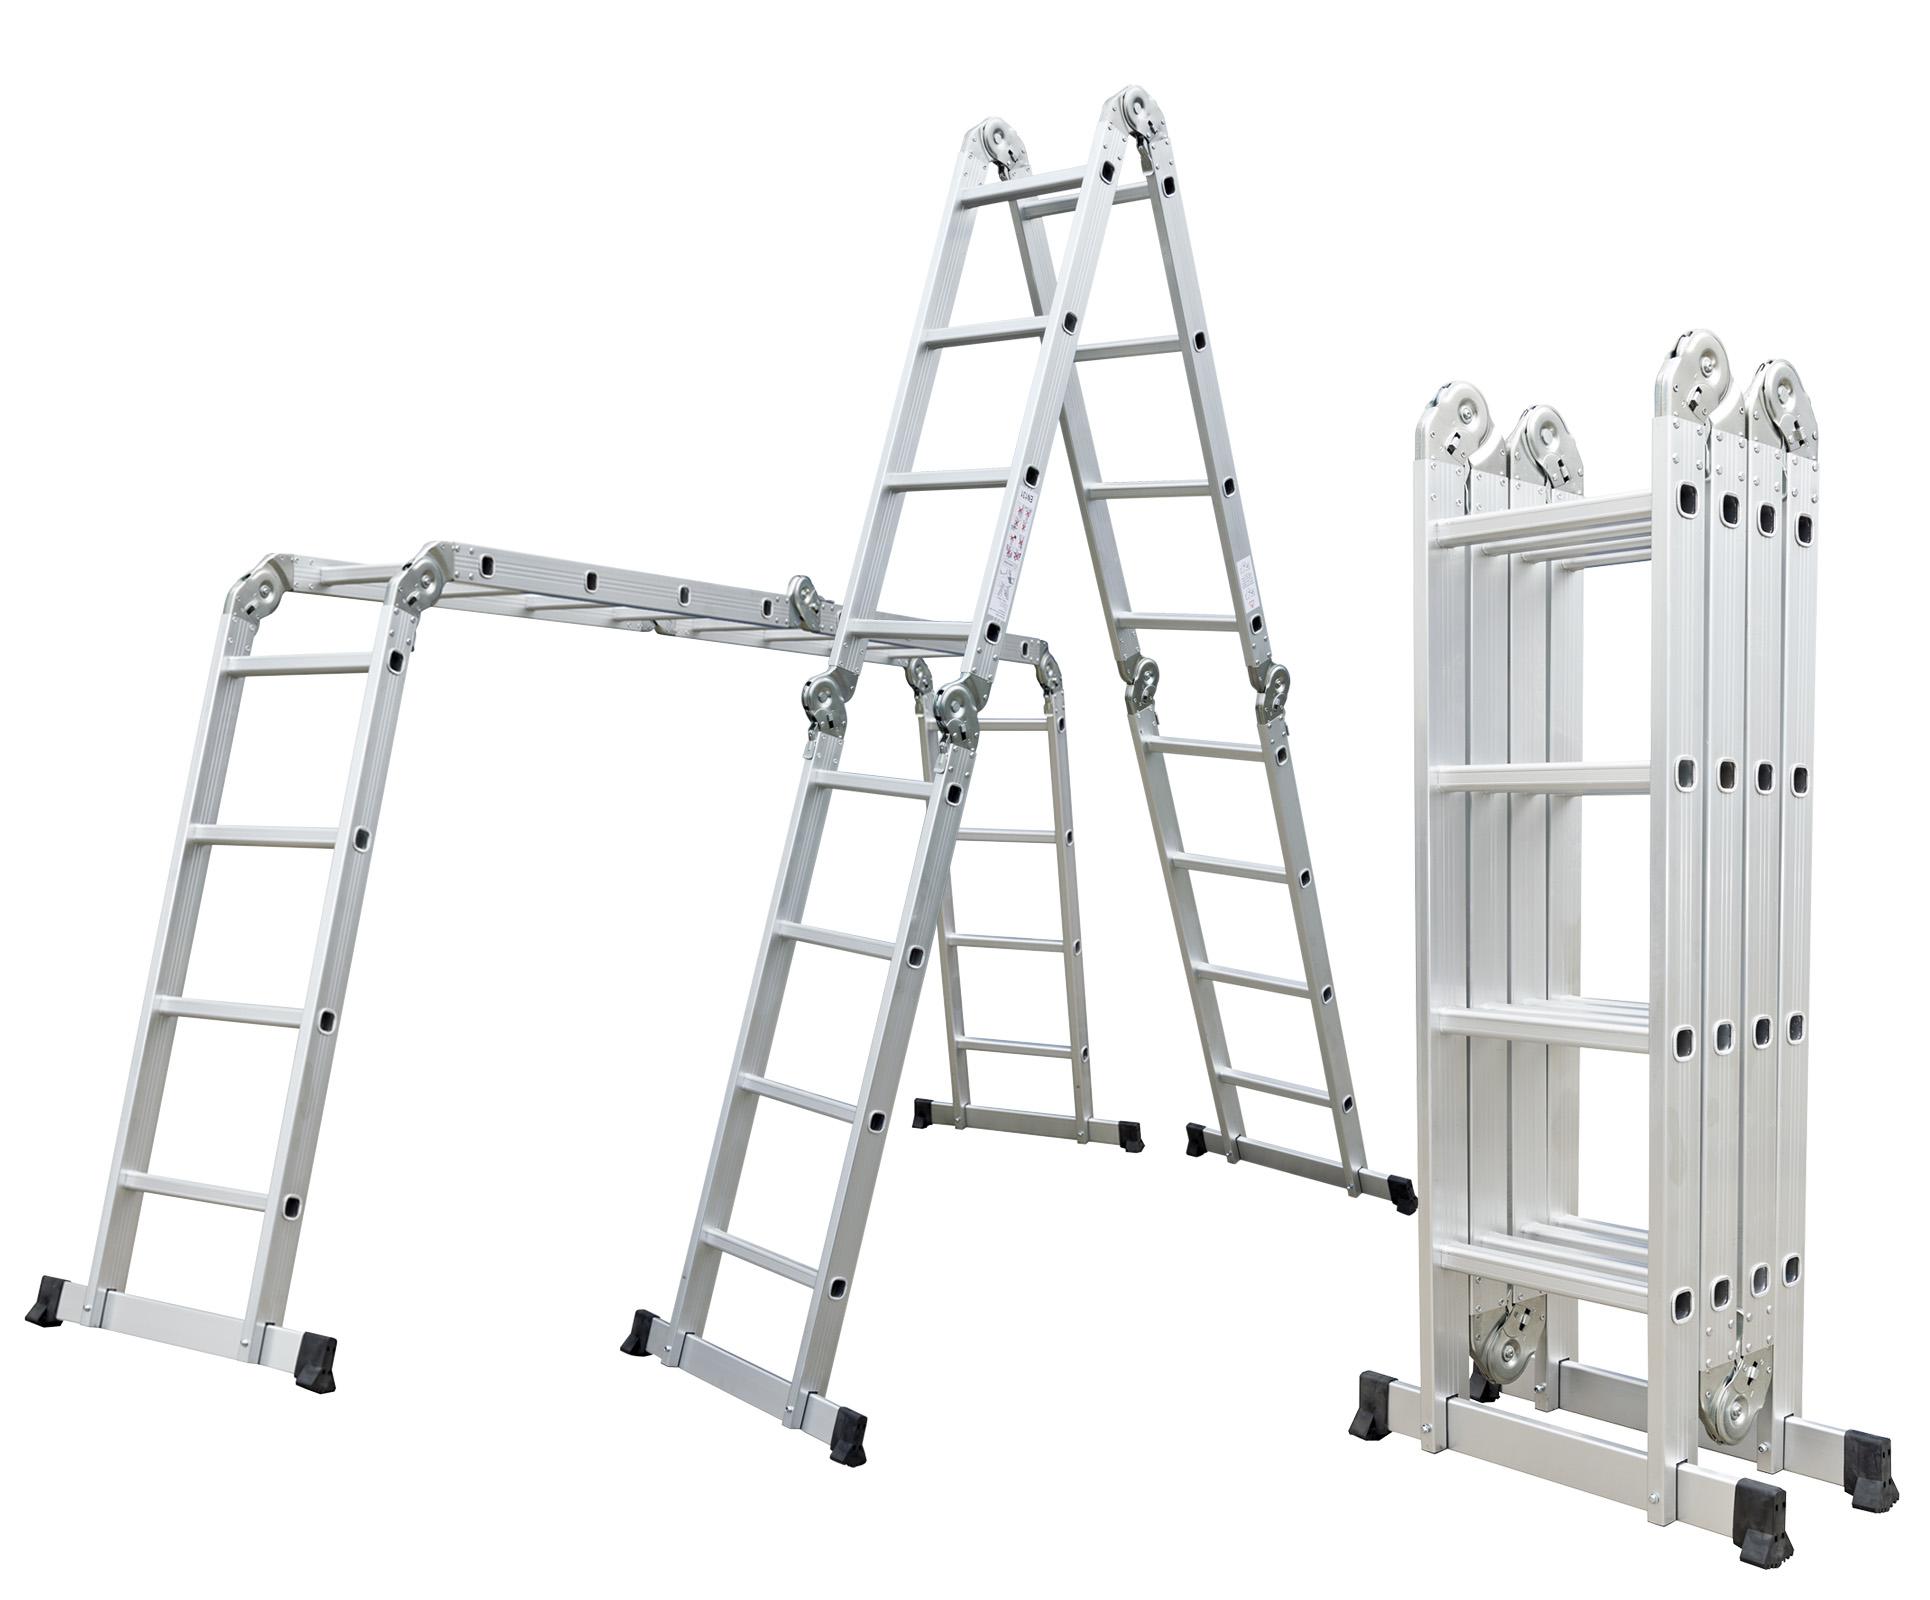 Hliníkové štafle G21 GA-SZ-4x4-4,6M multifunkční